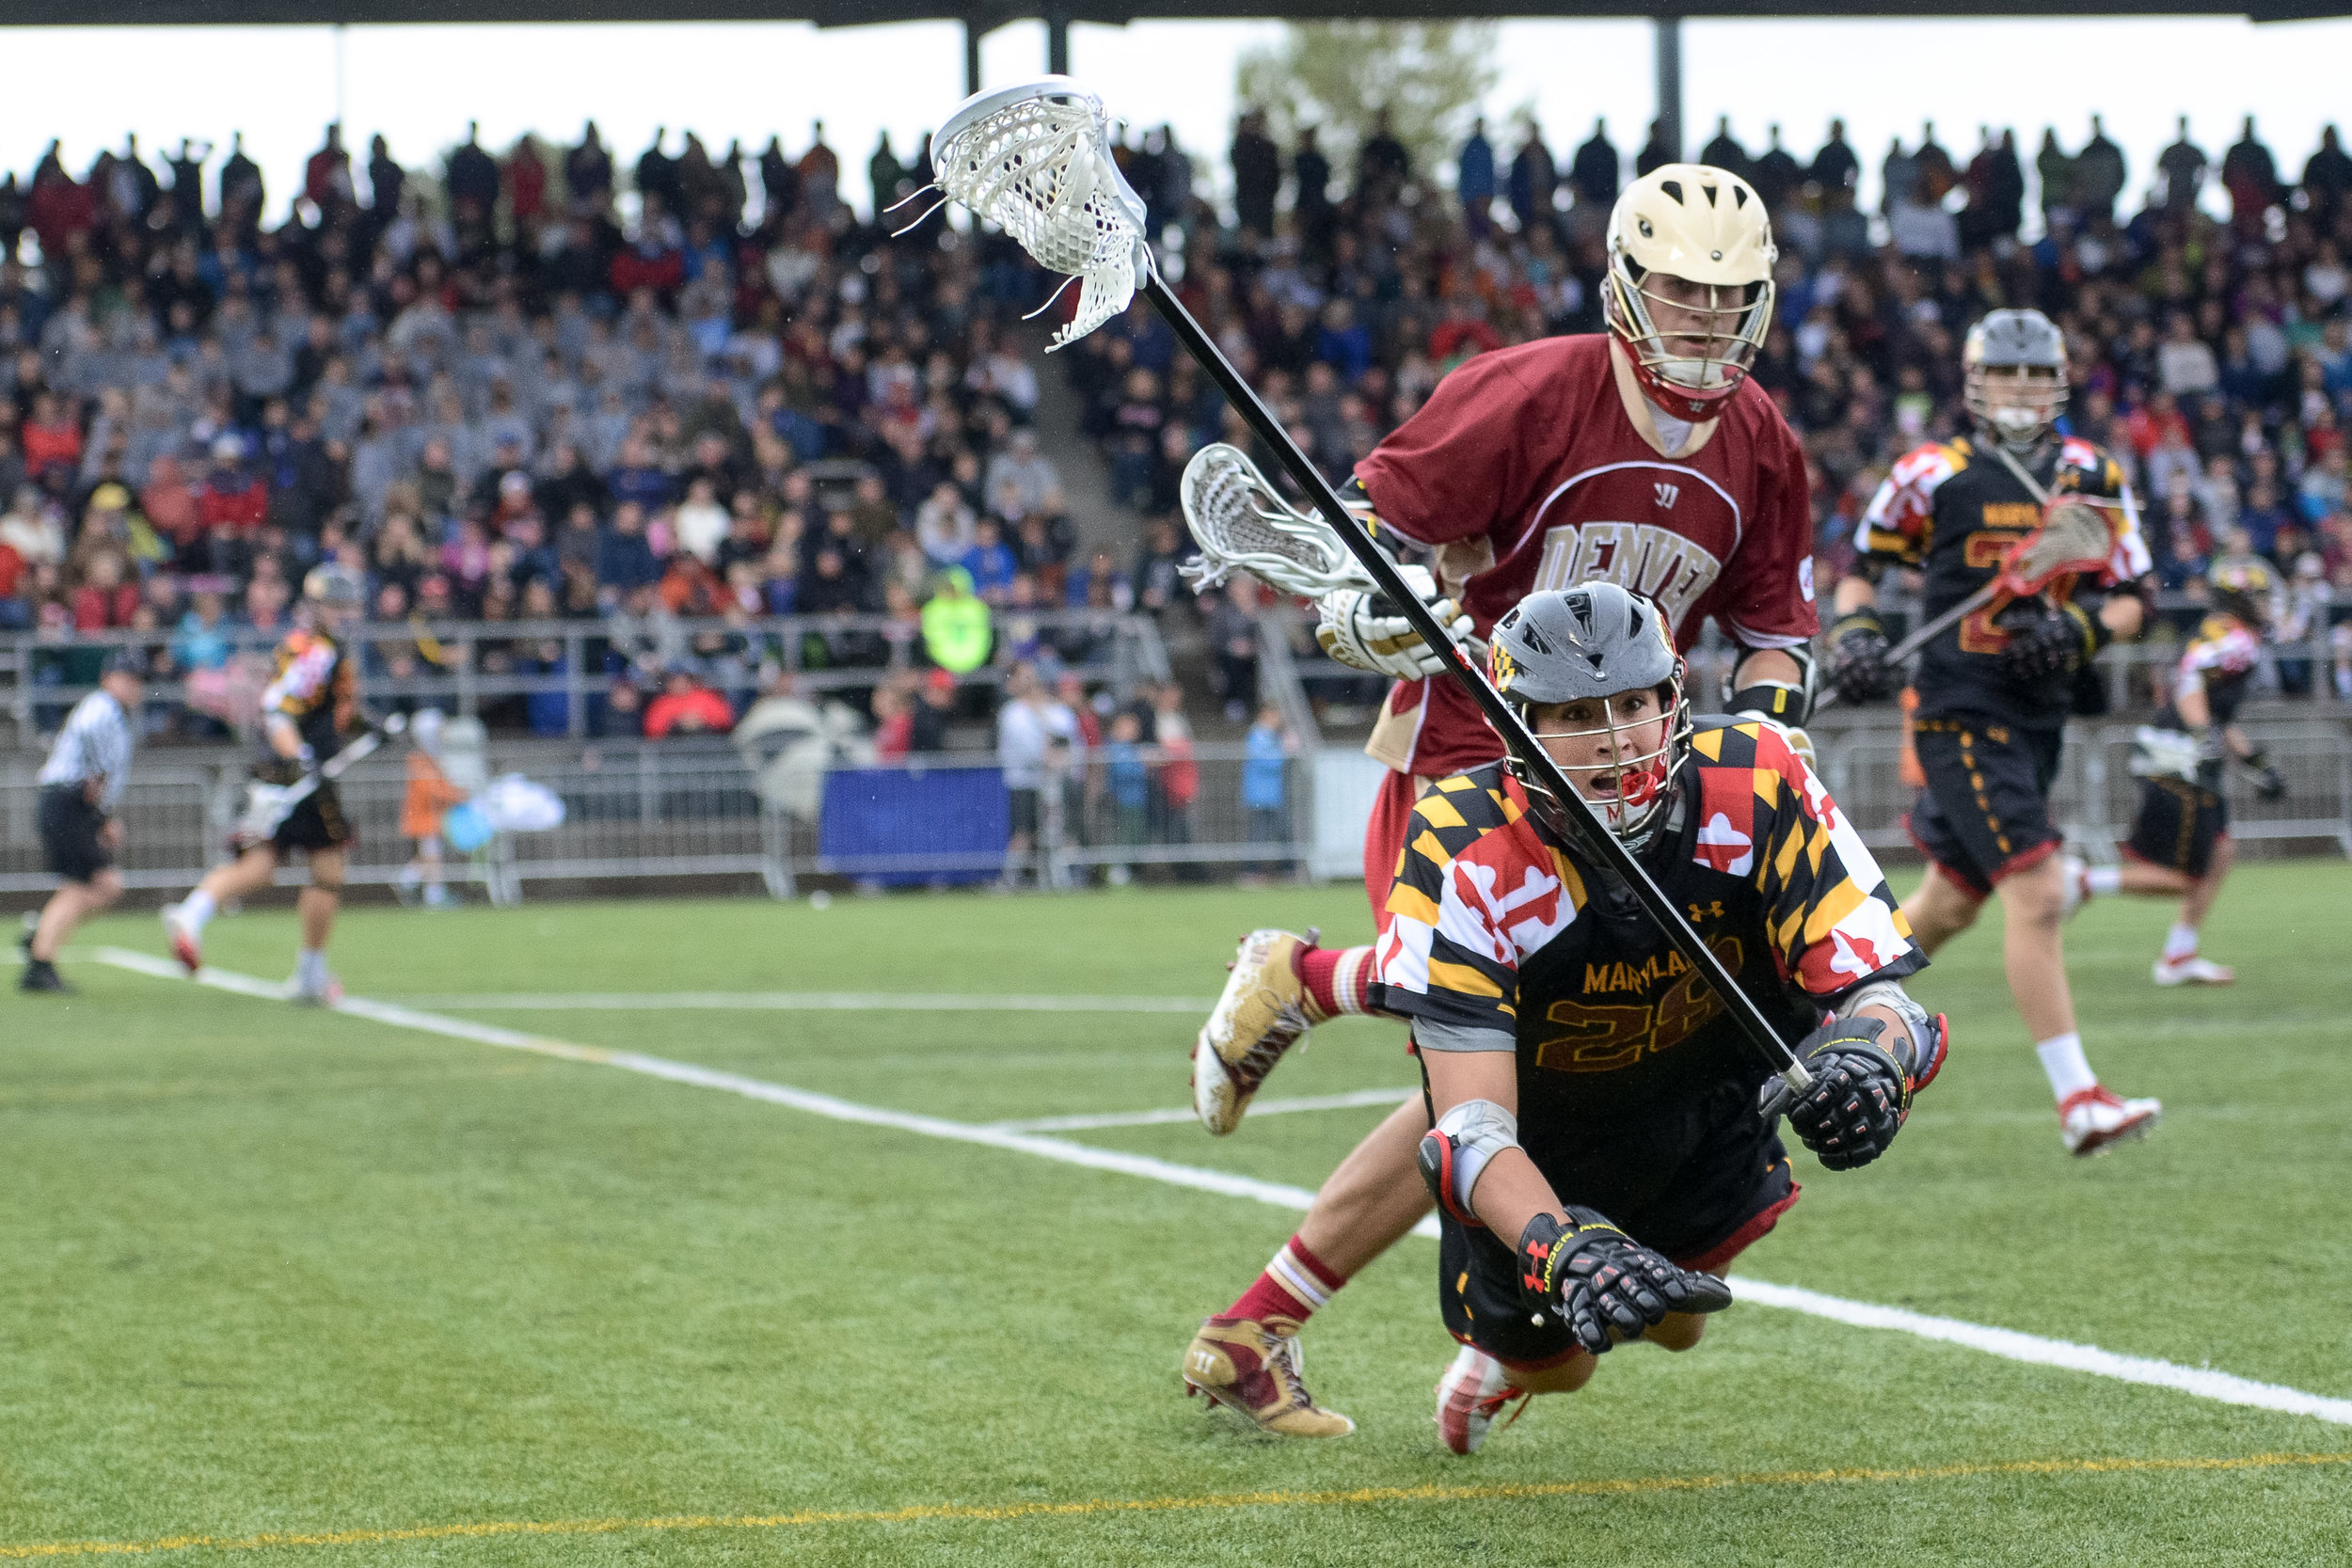 Maryland vs Denver, exhibition game